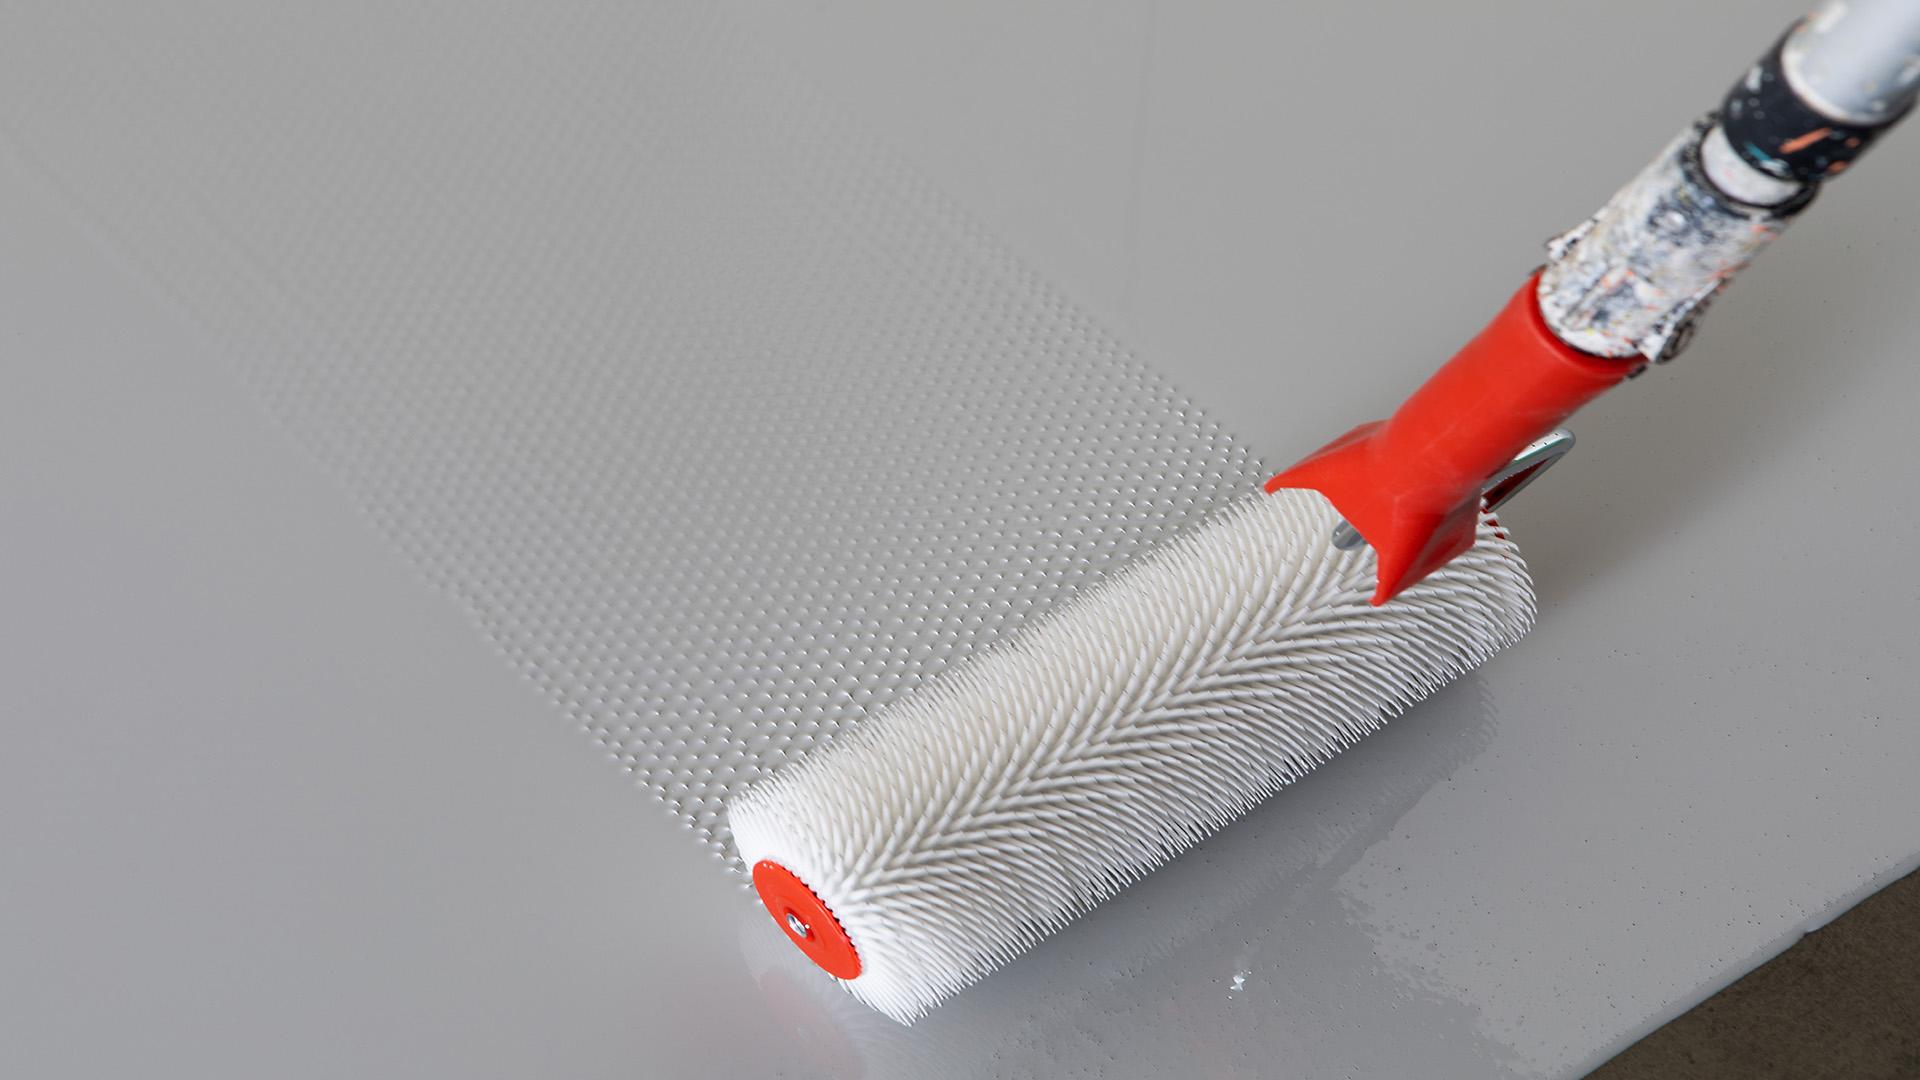 Kiilto Block telataan lopuksi lyhytnukkaisella maali- tai piikkitelalla, jotta sulkuaineen ilmakuplat poistuvat.